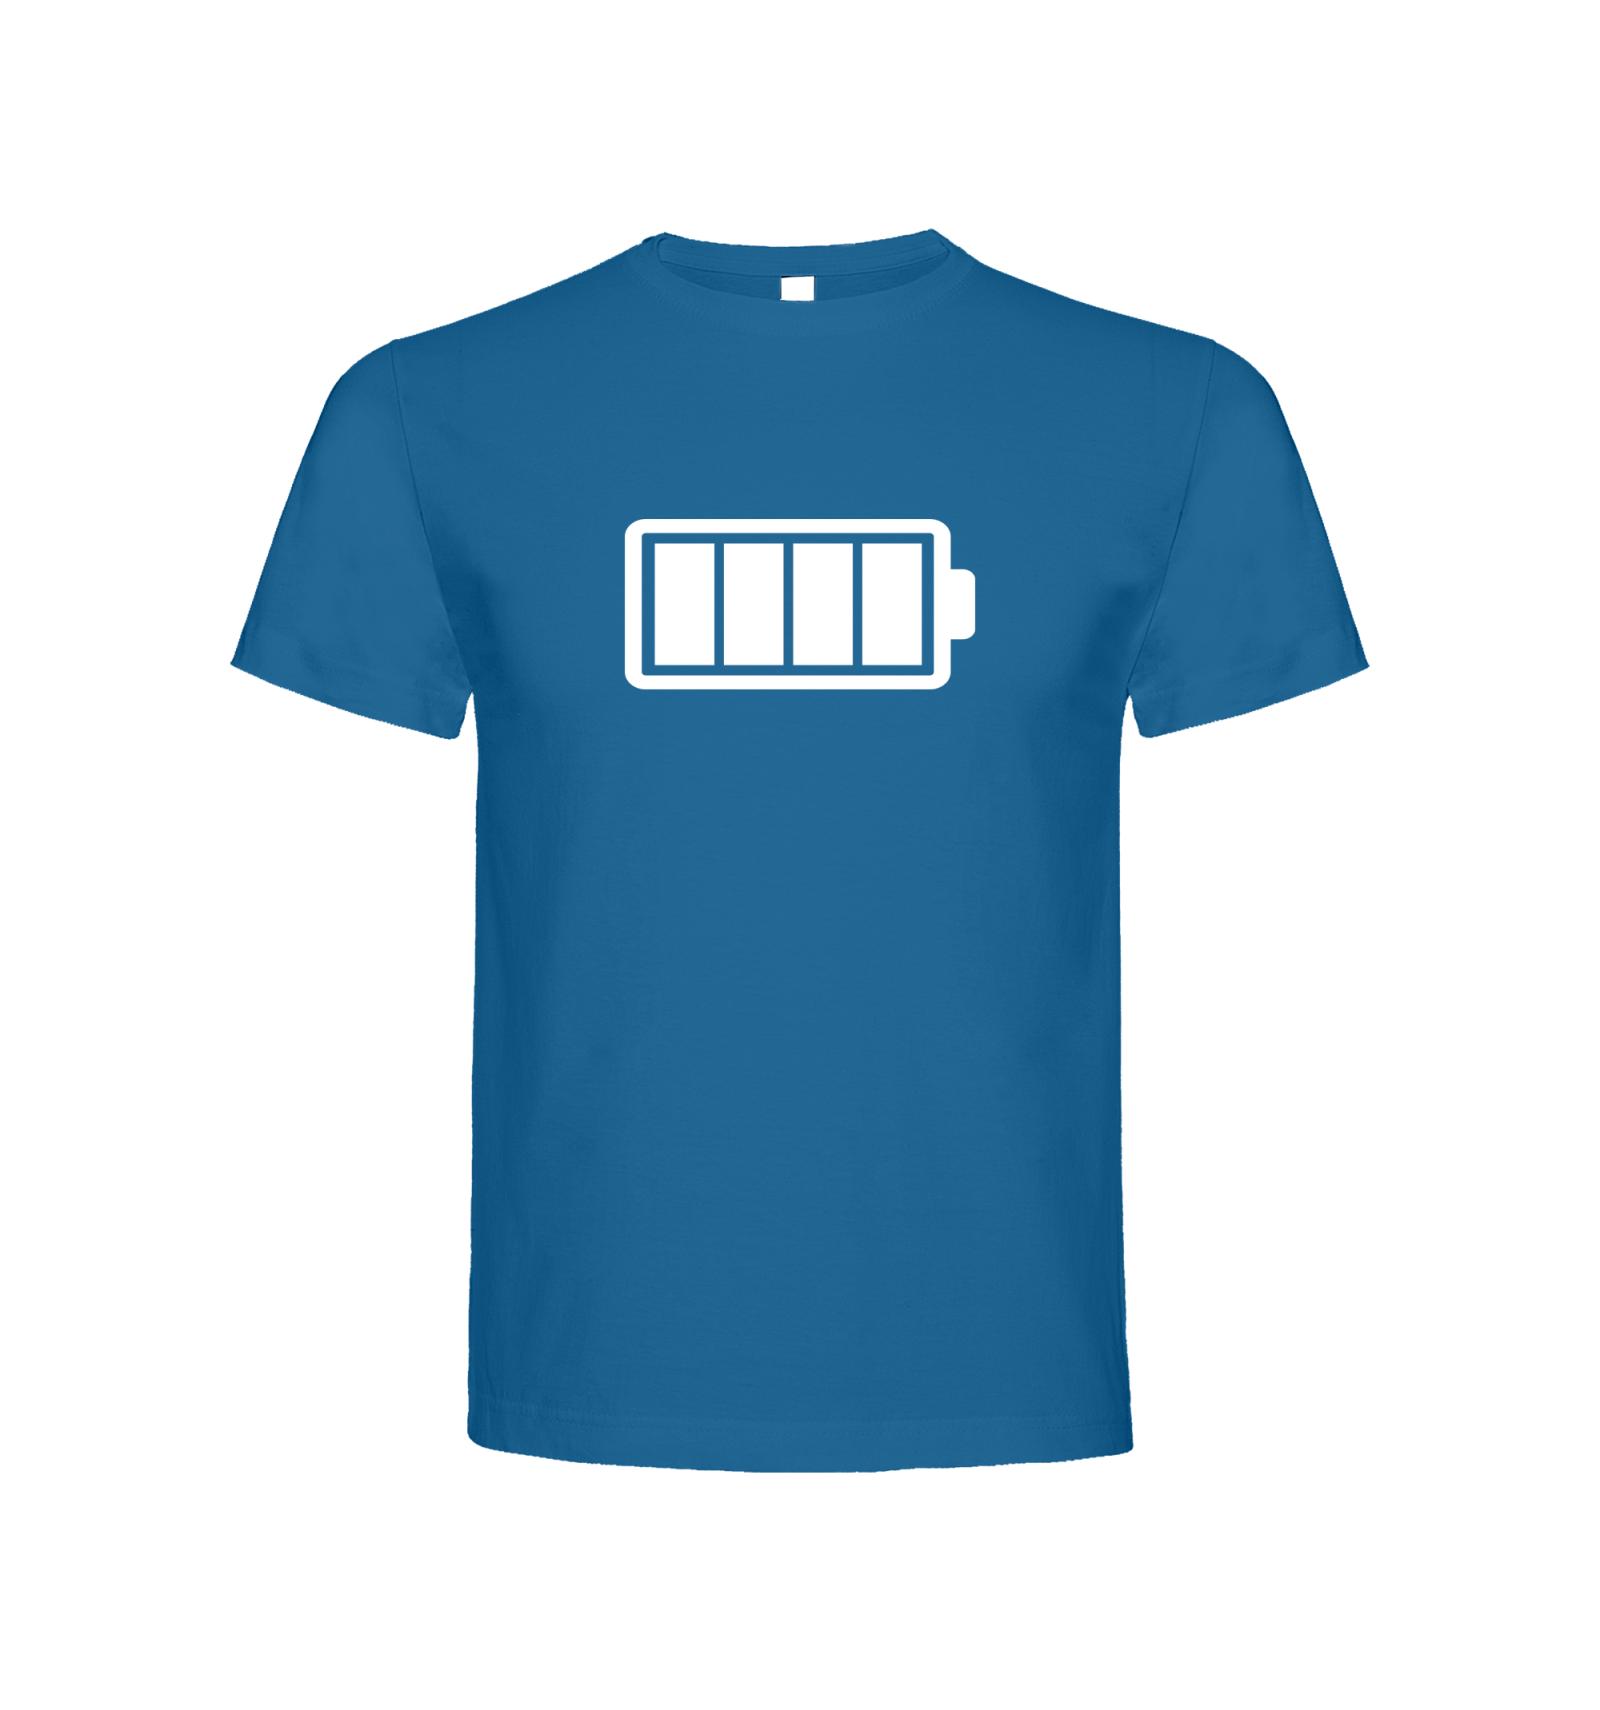 8f729158067b Chlapecké tričko Nabitá baterie - BVTRIKO